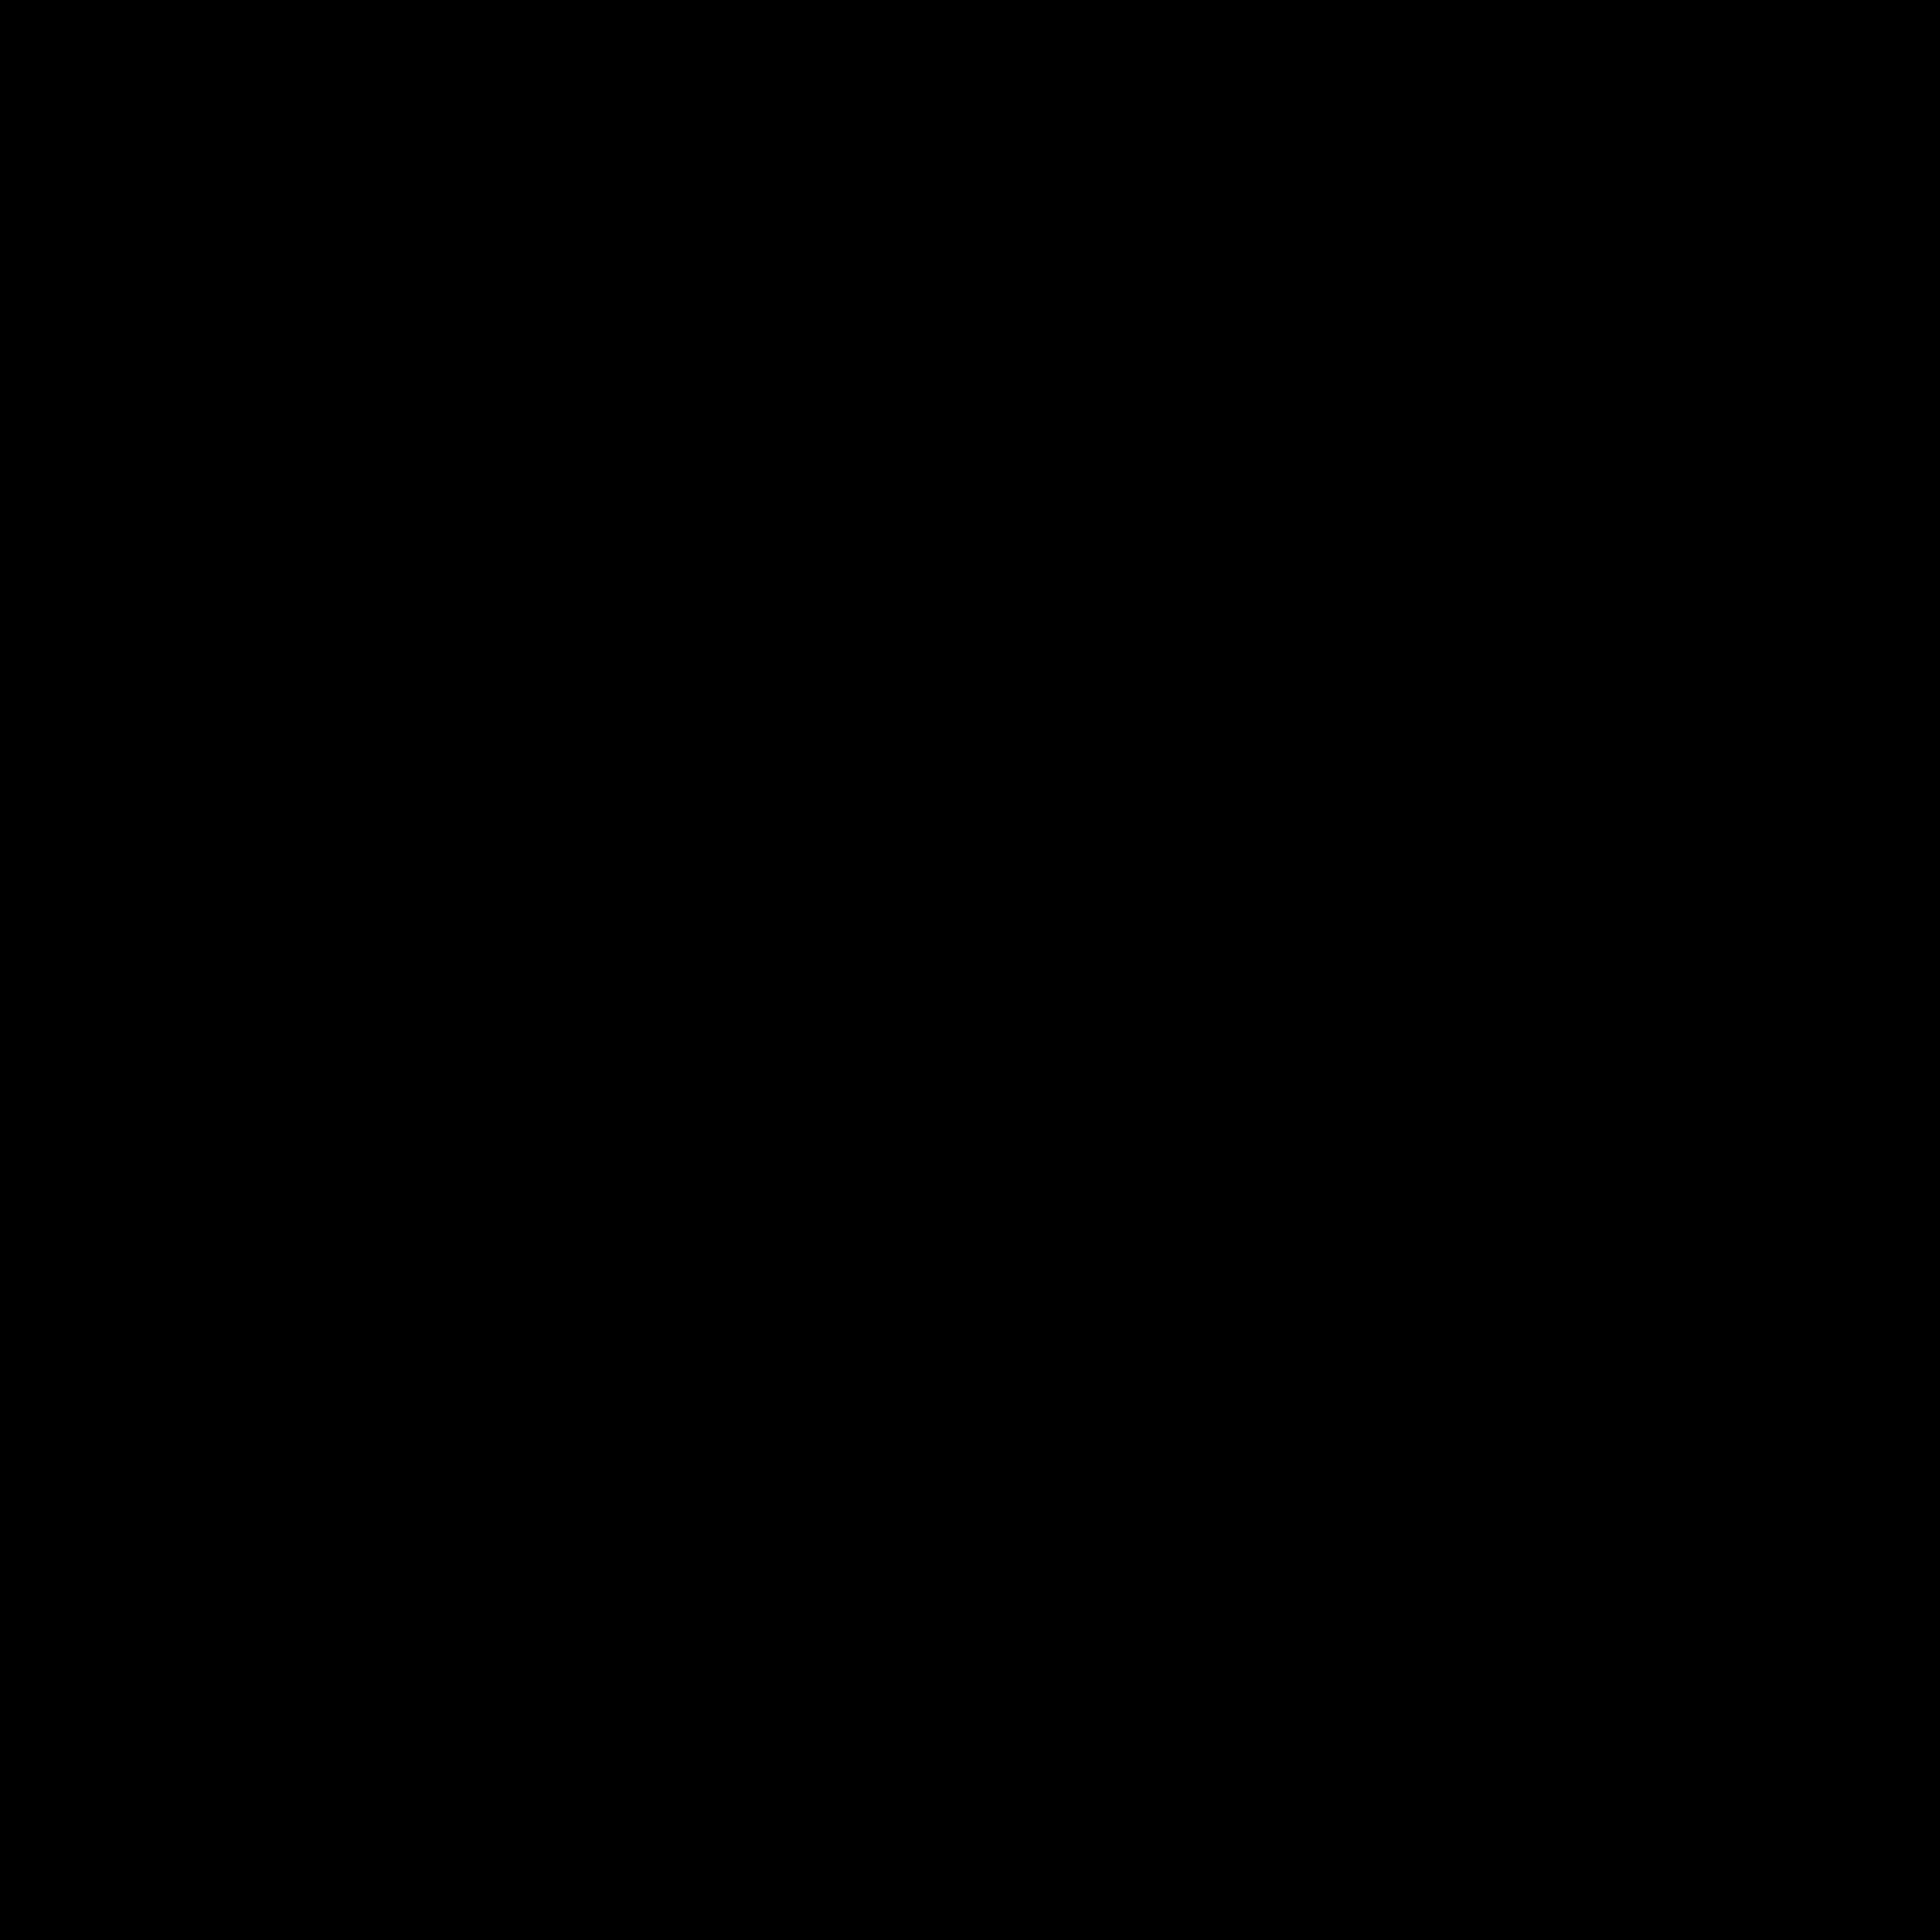 Clipart - Elegant Frame 20